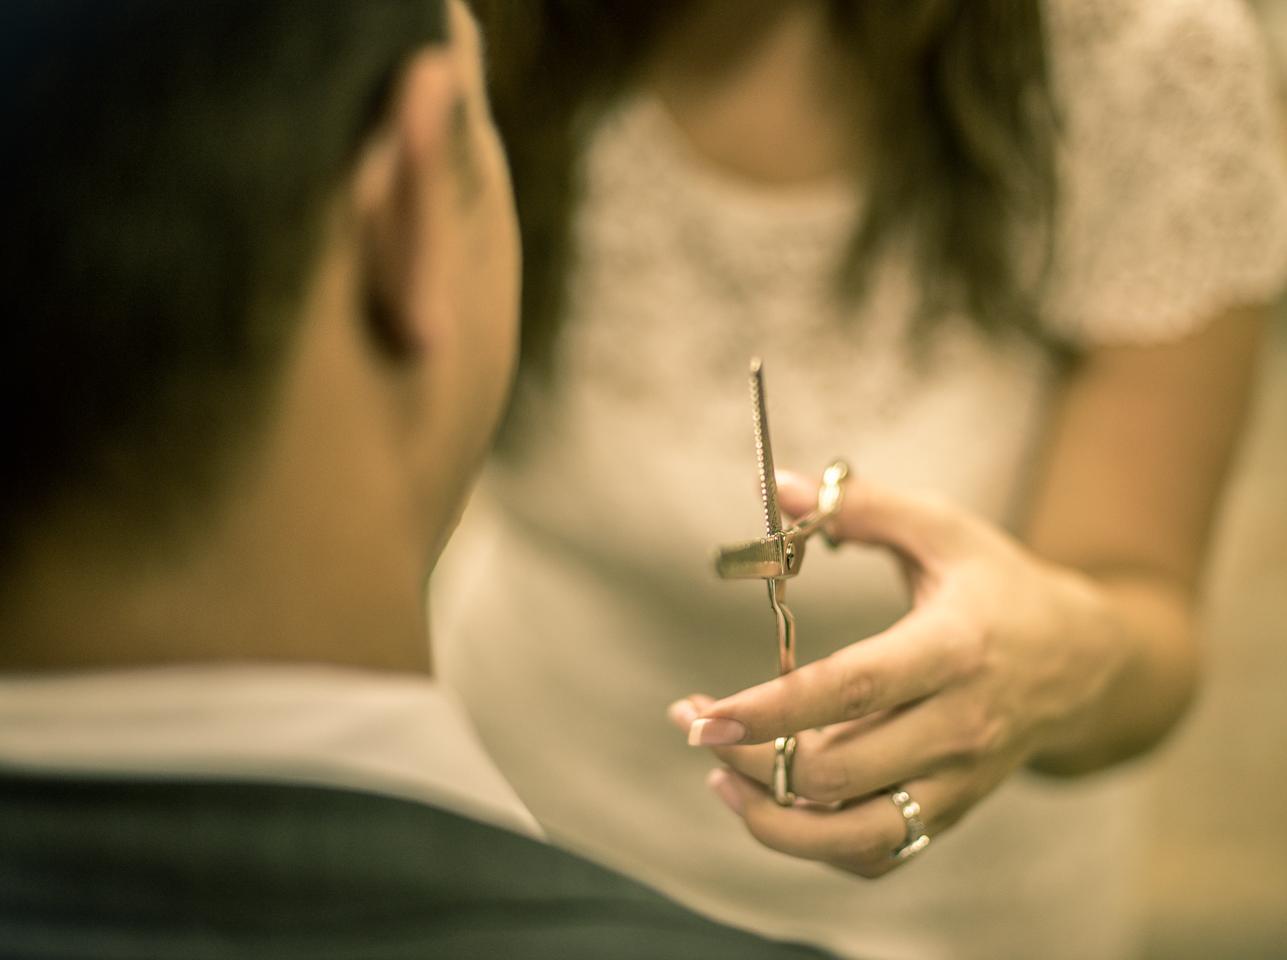 bodas-estilo-libre-sin-tema-cuba-11622.jpg